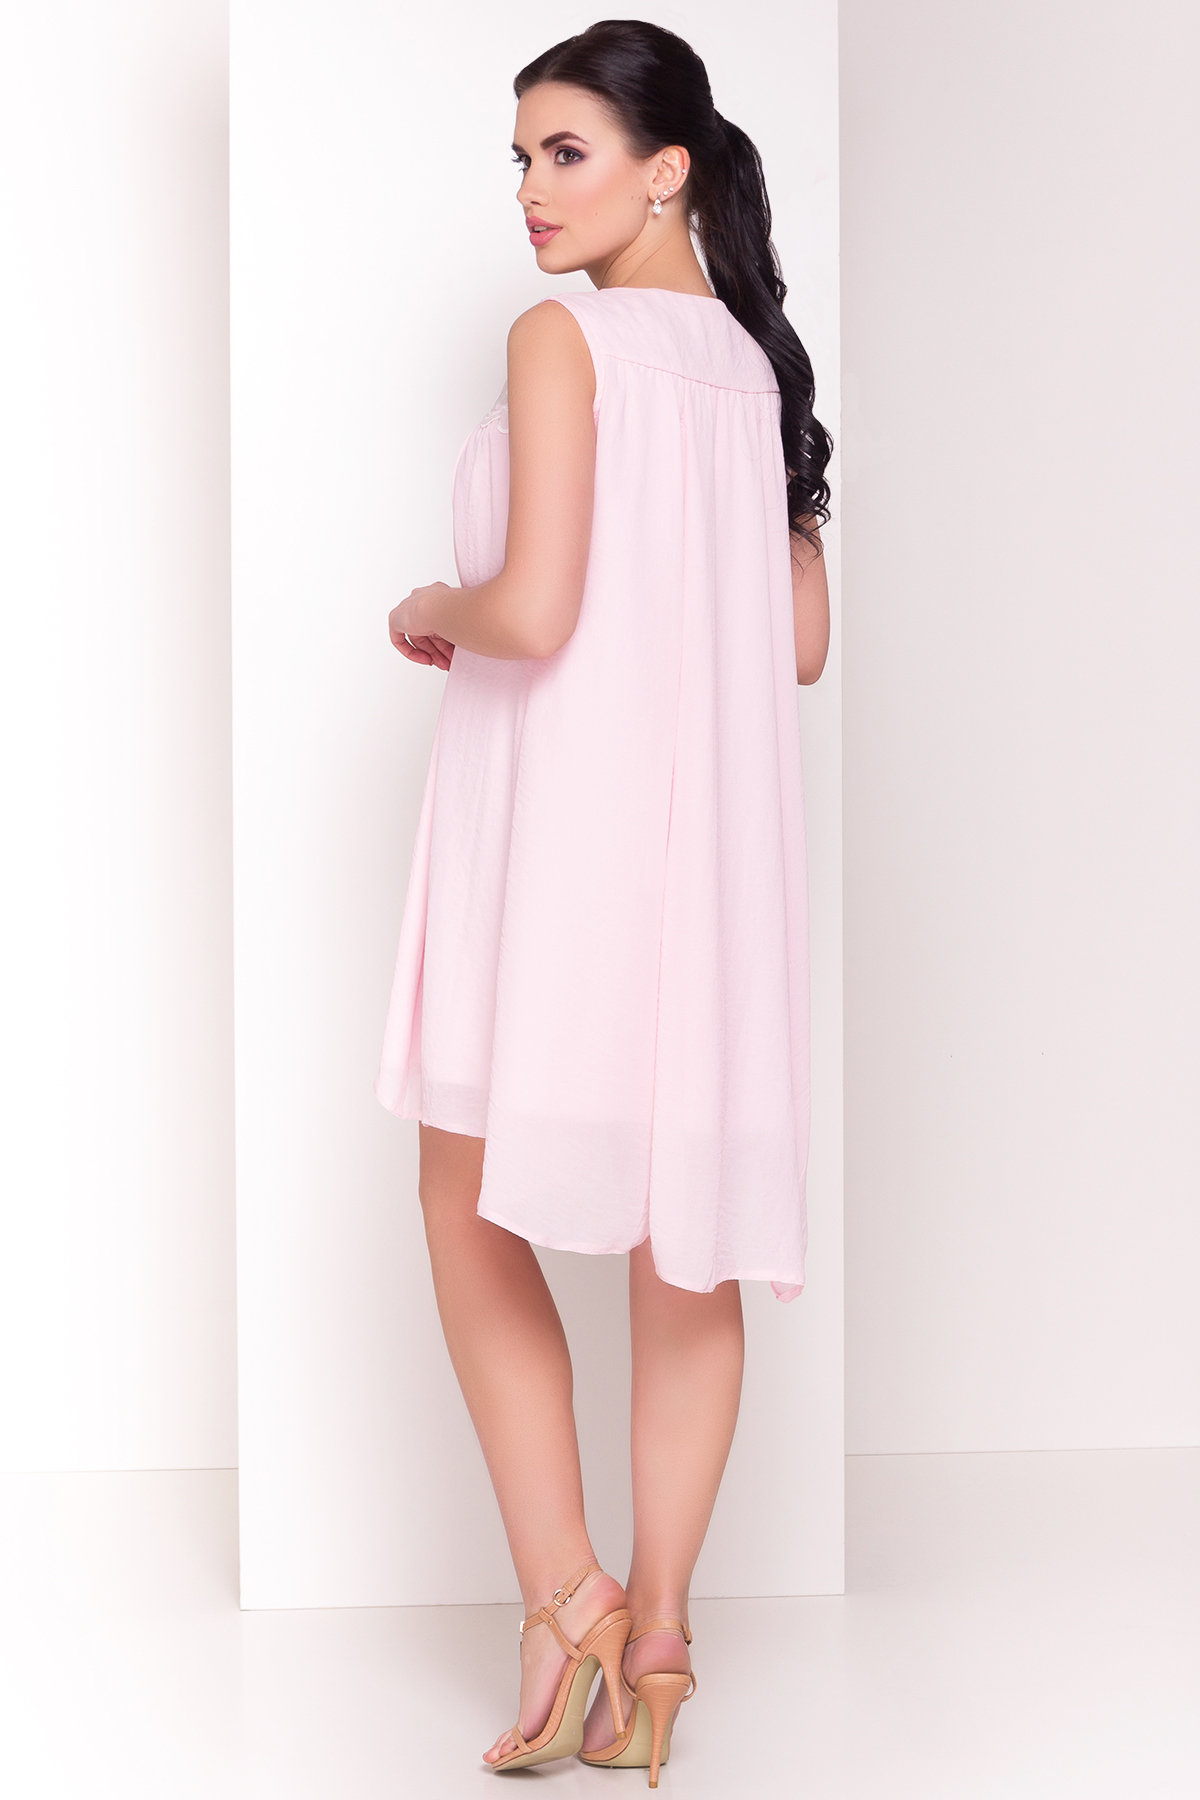 Платье свободного кроя Альбина 3110 АРТ. 16102 Цвет:  Розовый Светлый - фото 3, интернет магазин tm-modus.ru